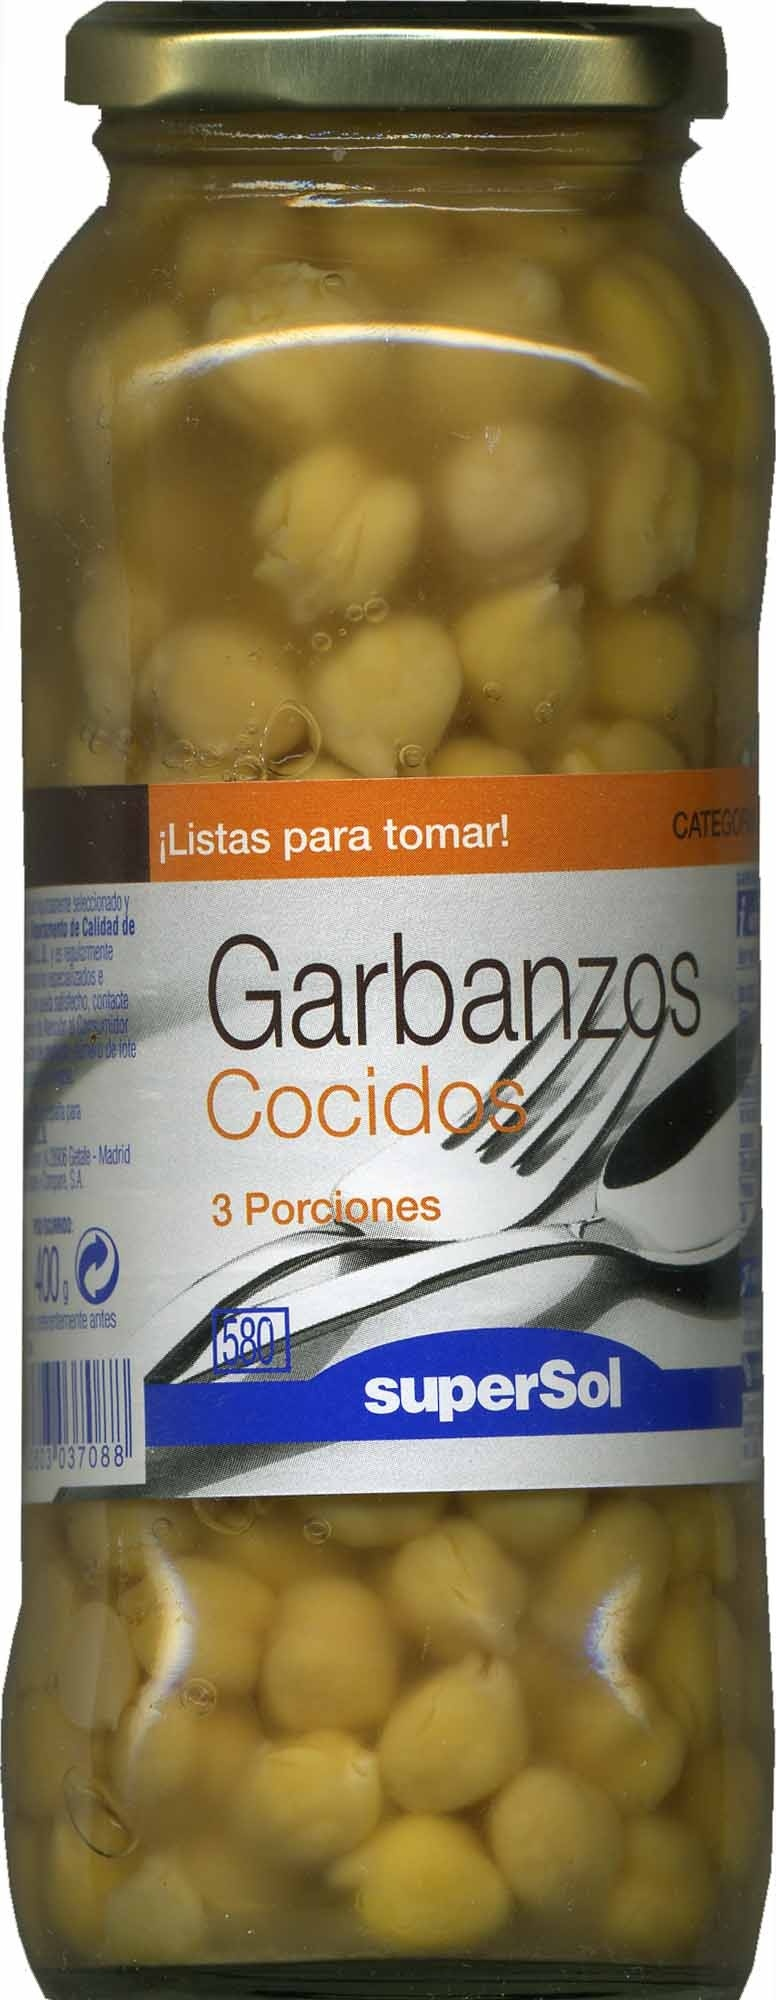 Garbanzos cocidos en conserva - Producto - es